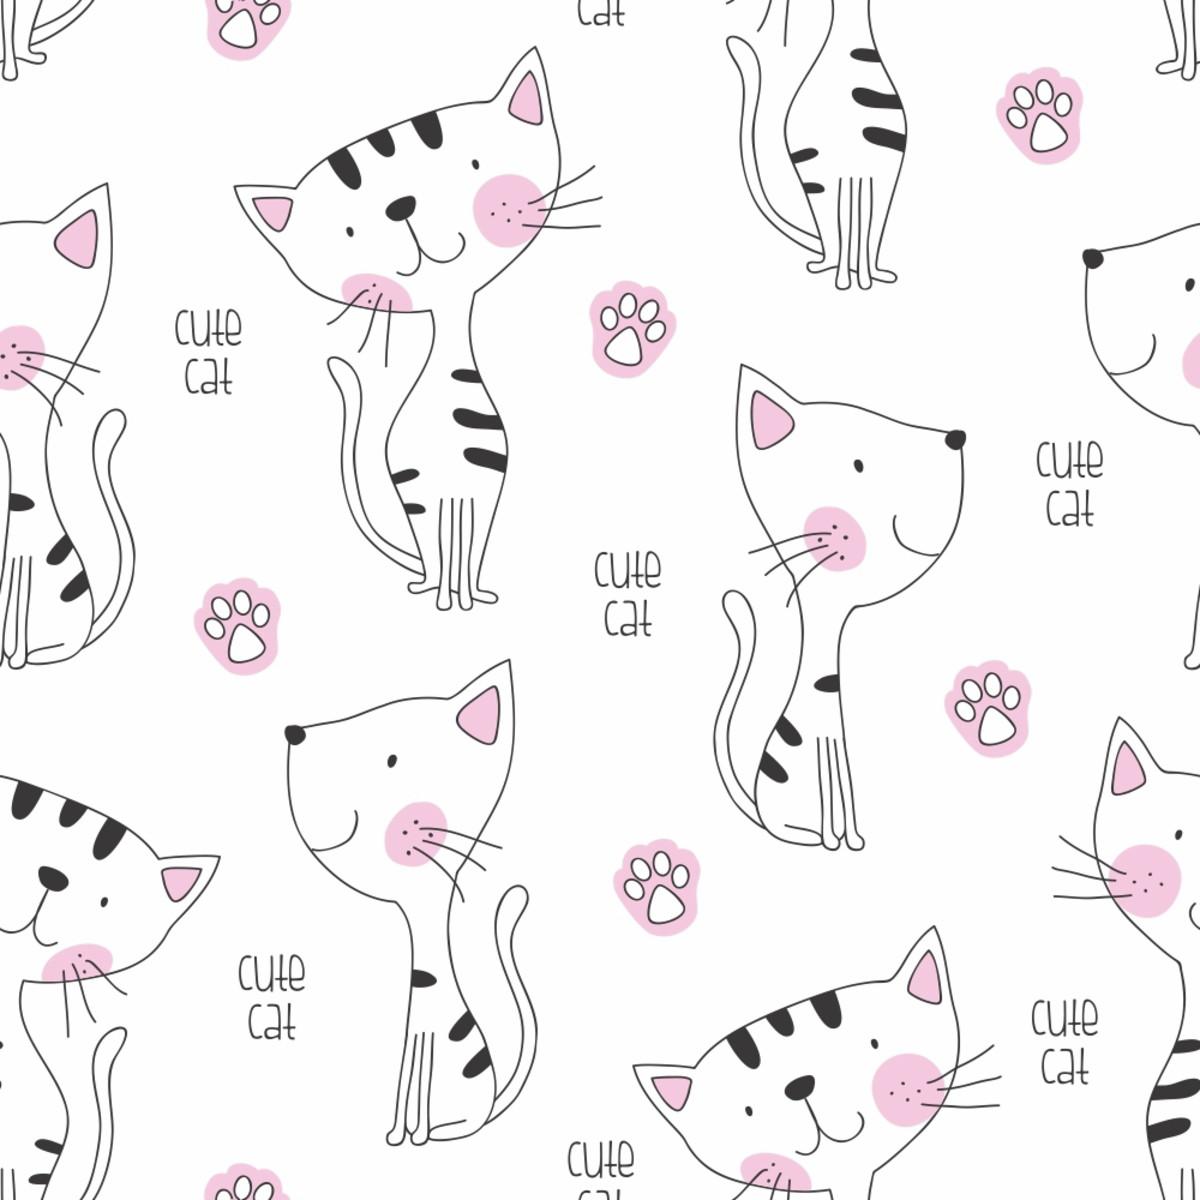 Papel De Parede Infantil Gato Cat Pet Pata Fofo 3m Ppi169